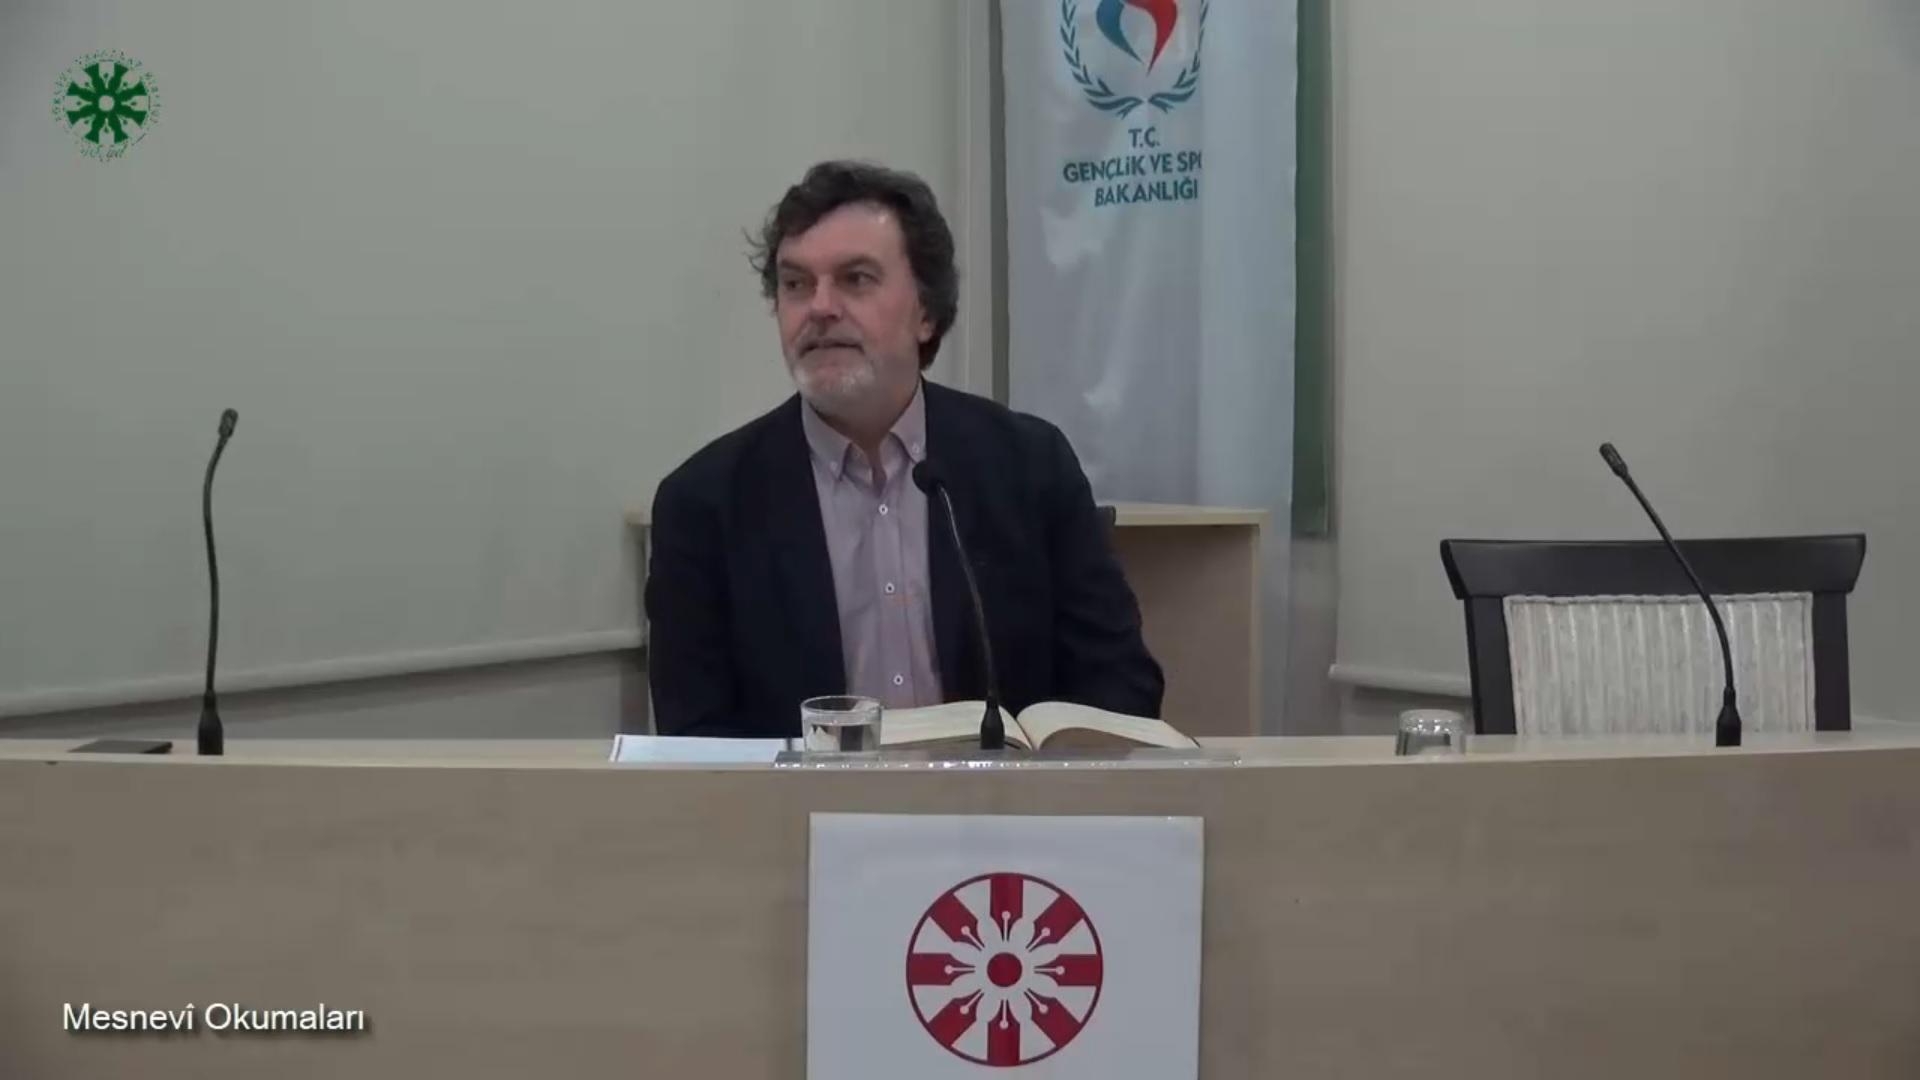 Mesnevî Okumaları -43- Prof. Dr. Hicabi Kırlangıç